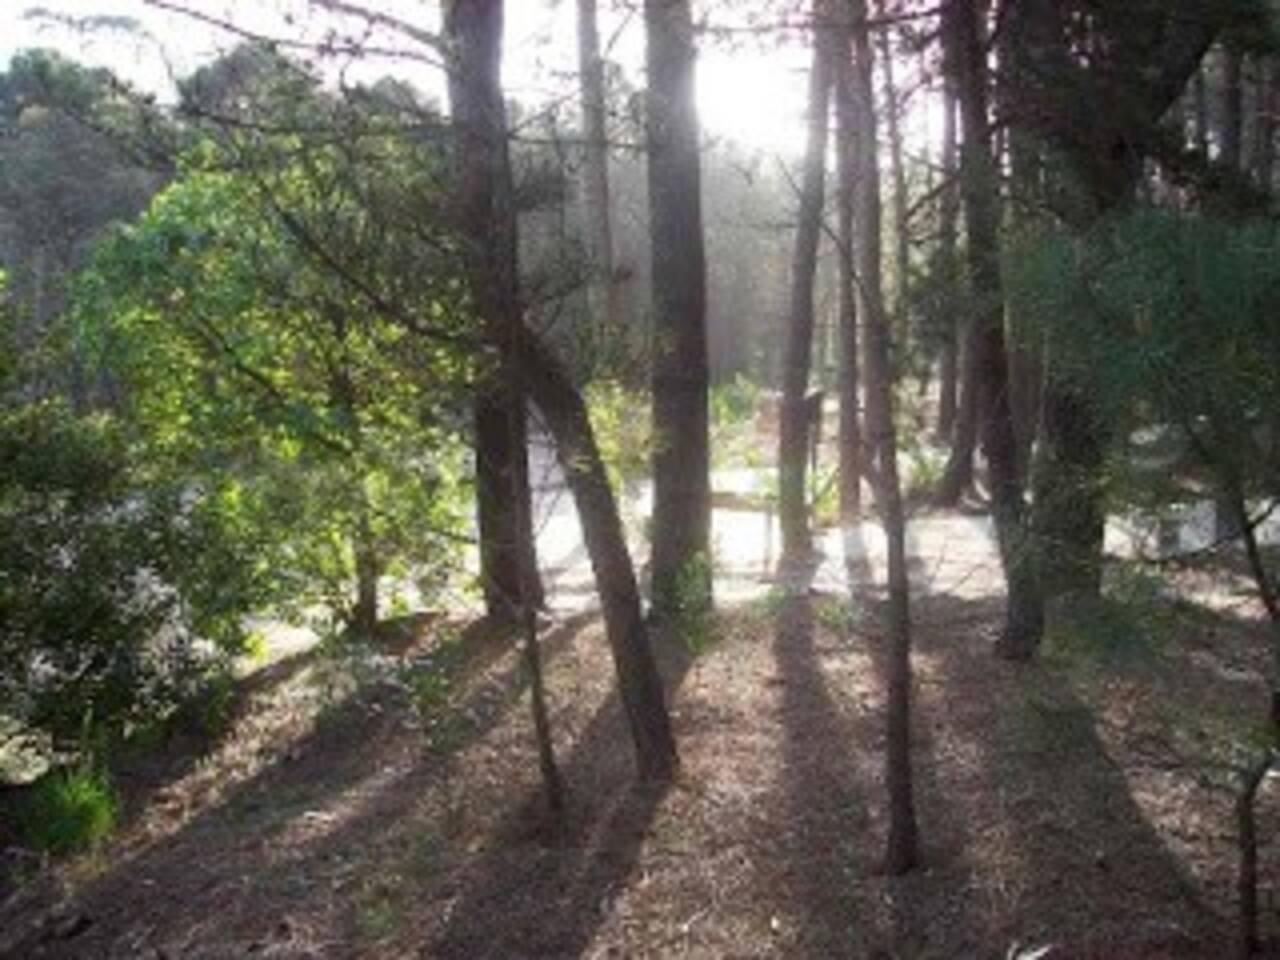 En medio de la tranquilidad del bosque